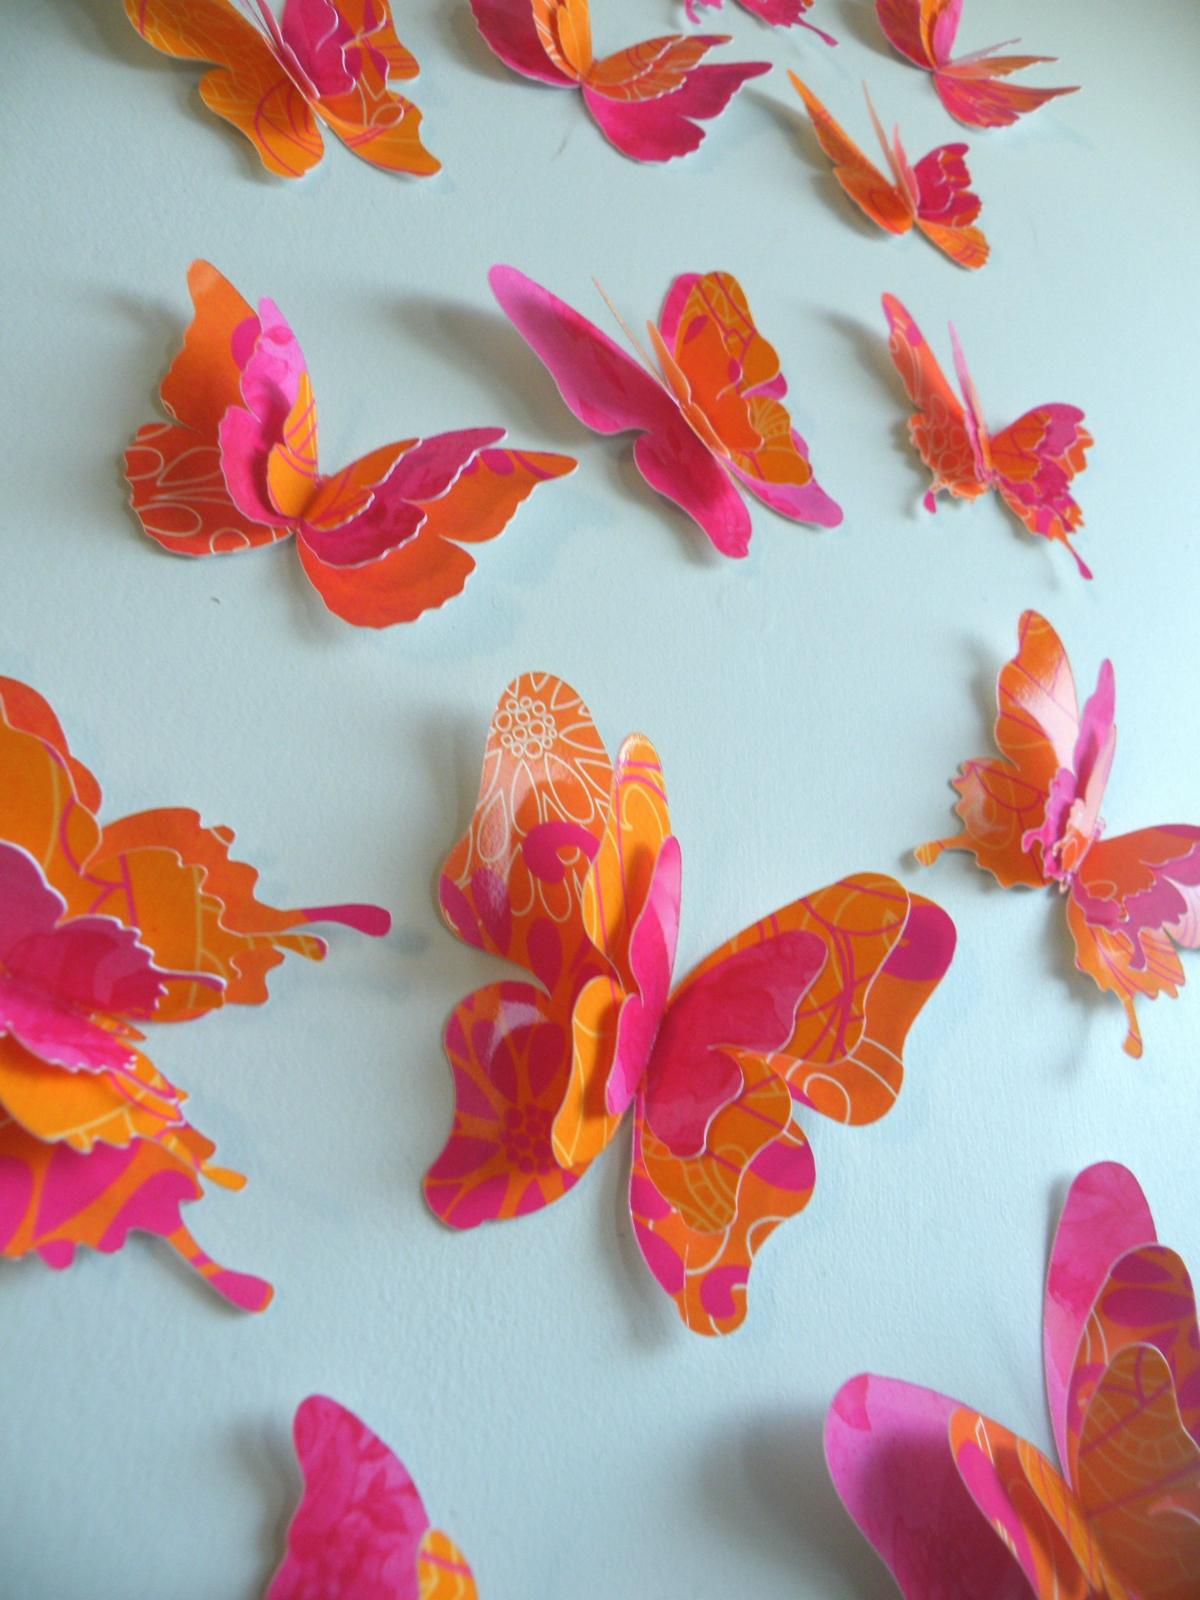 3d butterfly wall decor destiny paper butterflies felt for 3d wall butterfly decoration